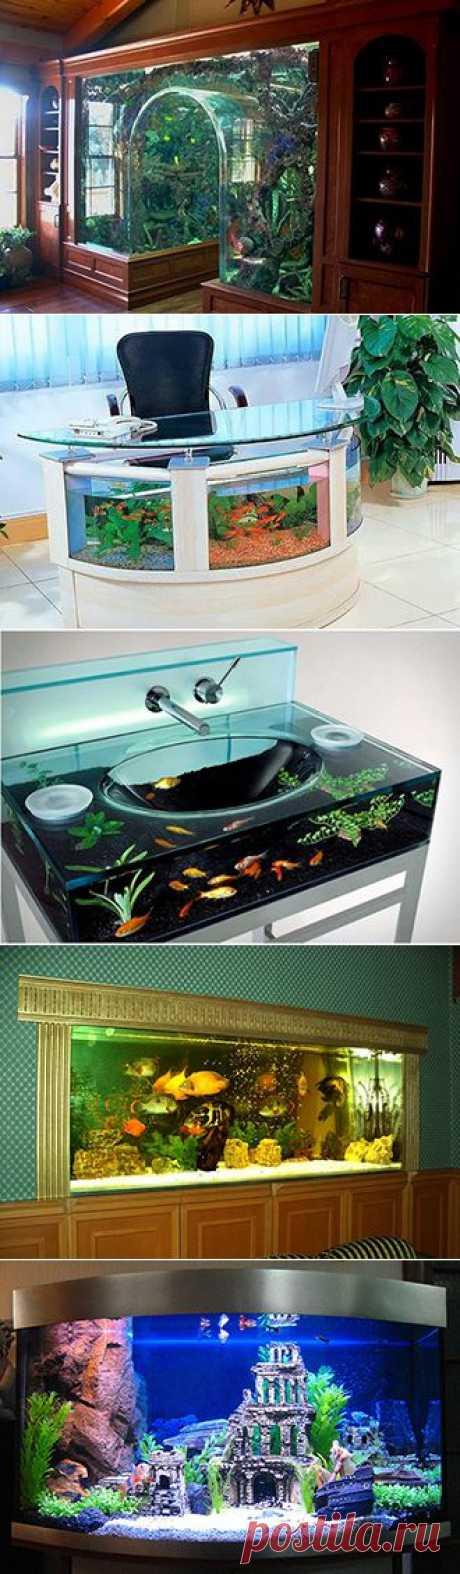 Как сделать встроенный аквариум?